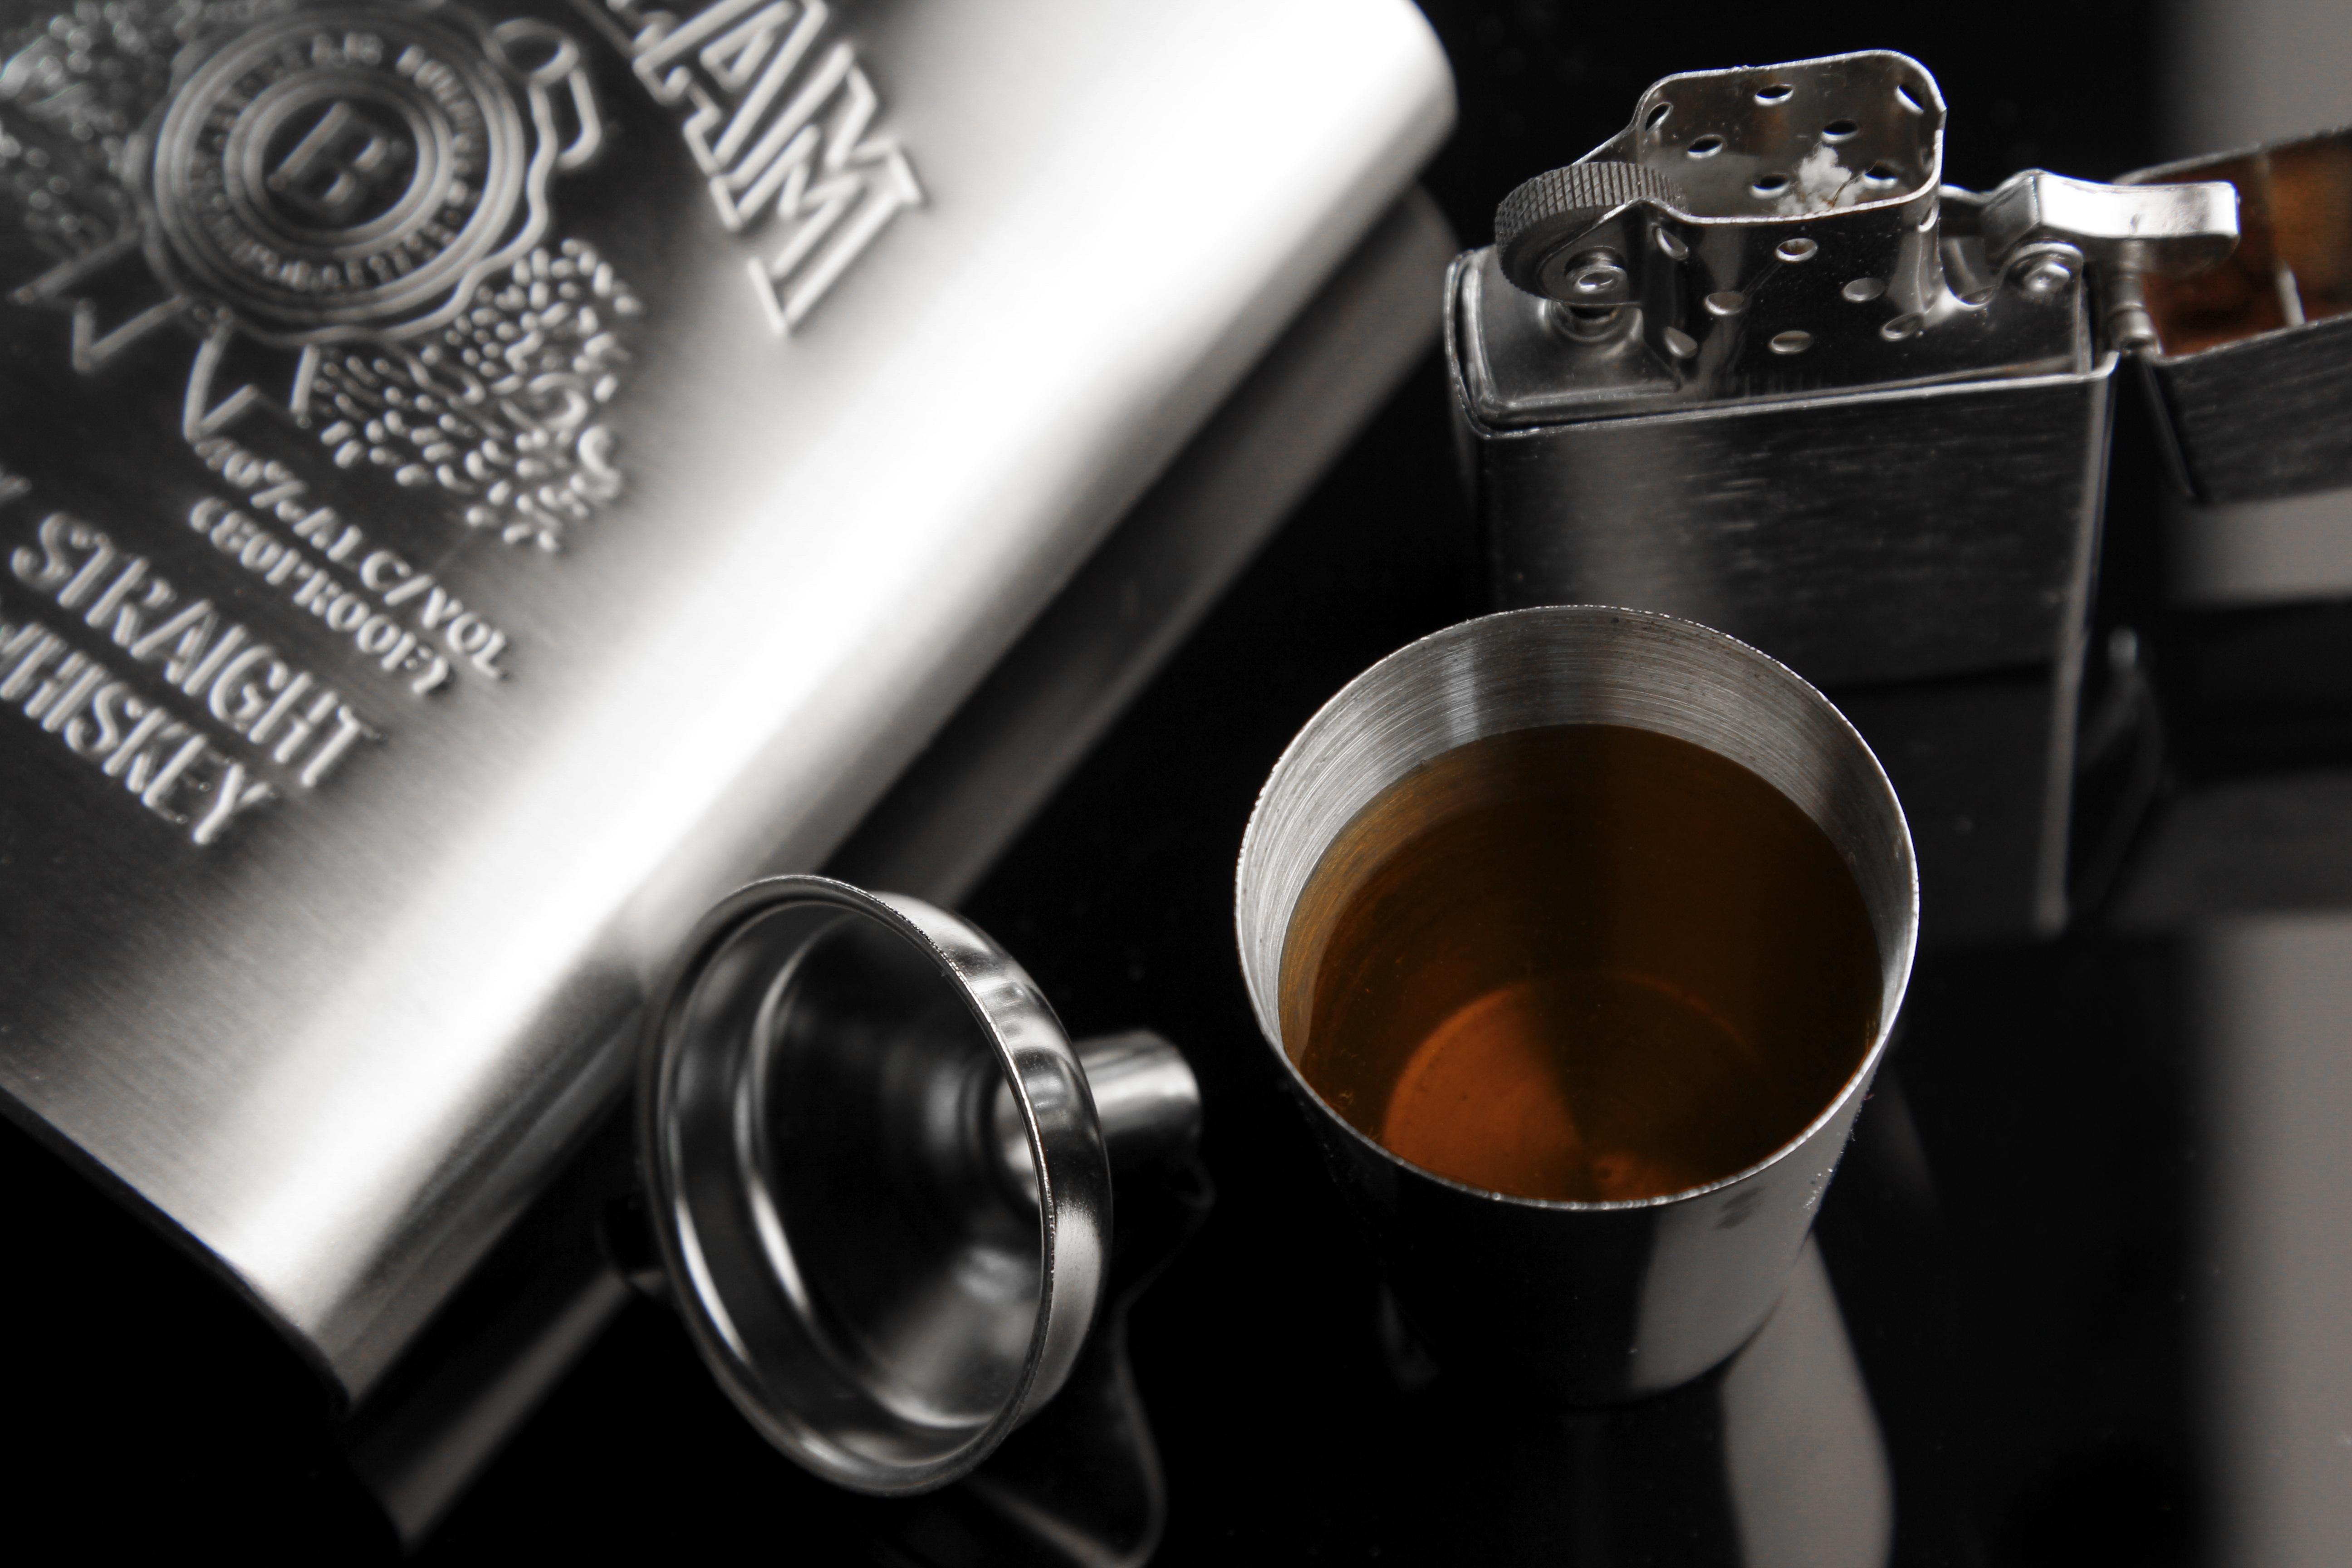 Gambar Kopi Hitam Dan Putih Cangkir Minum Espreso Alkohol Merek Wiski Kafein Reflektor Rasa Korek Api Fotografi Komersial Guci Anggur Ji Muliang Minuman Keras 5184x3456 1074023 Galeri Foto Pxhere